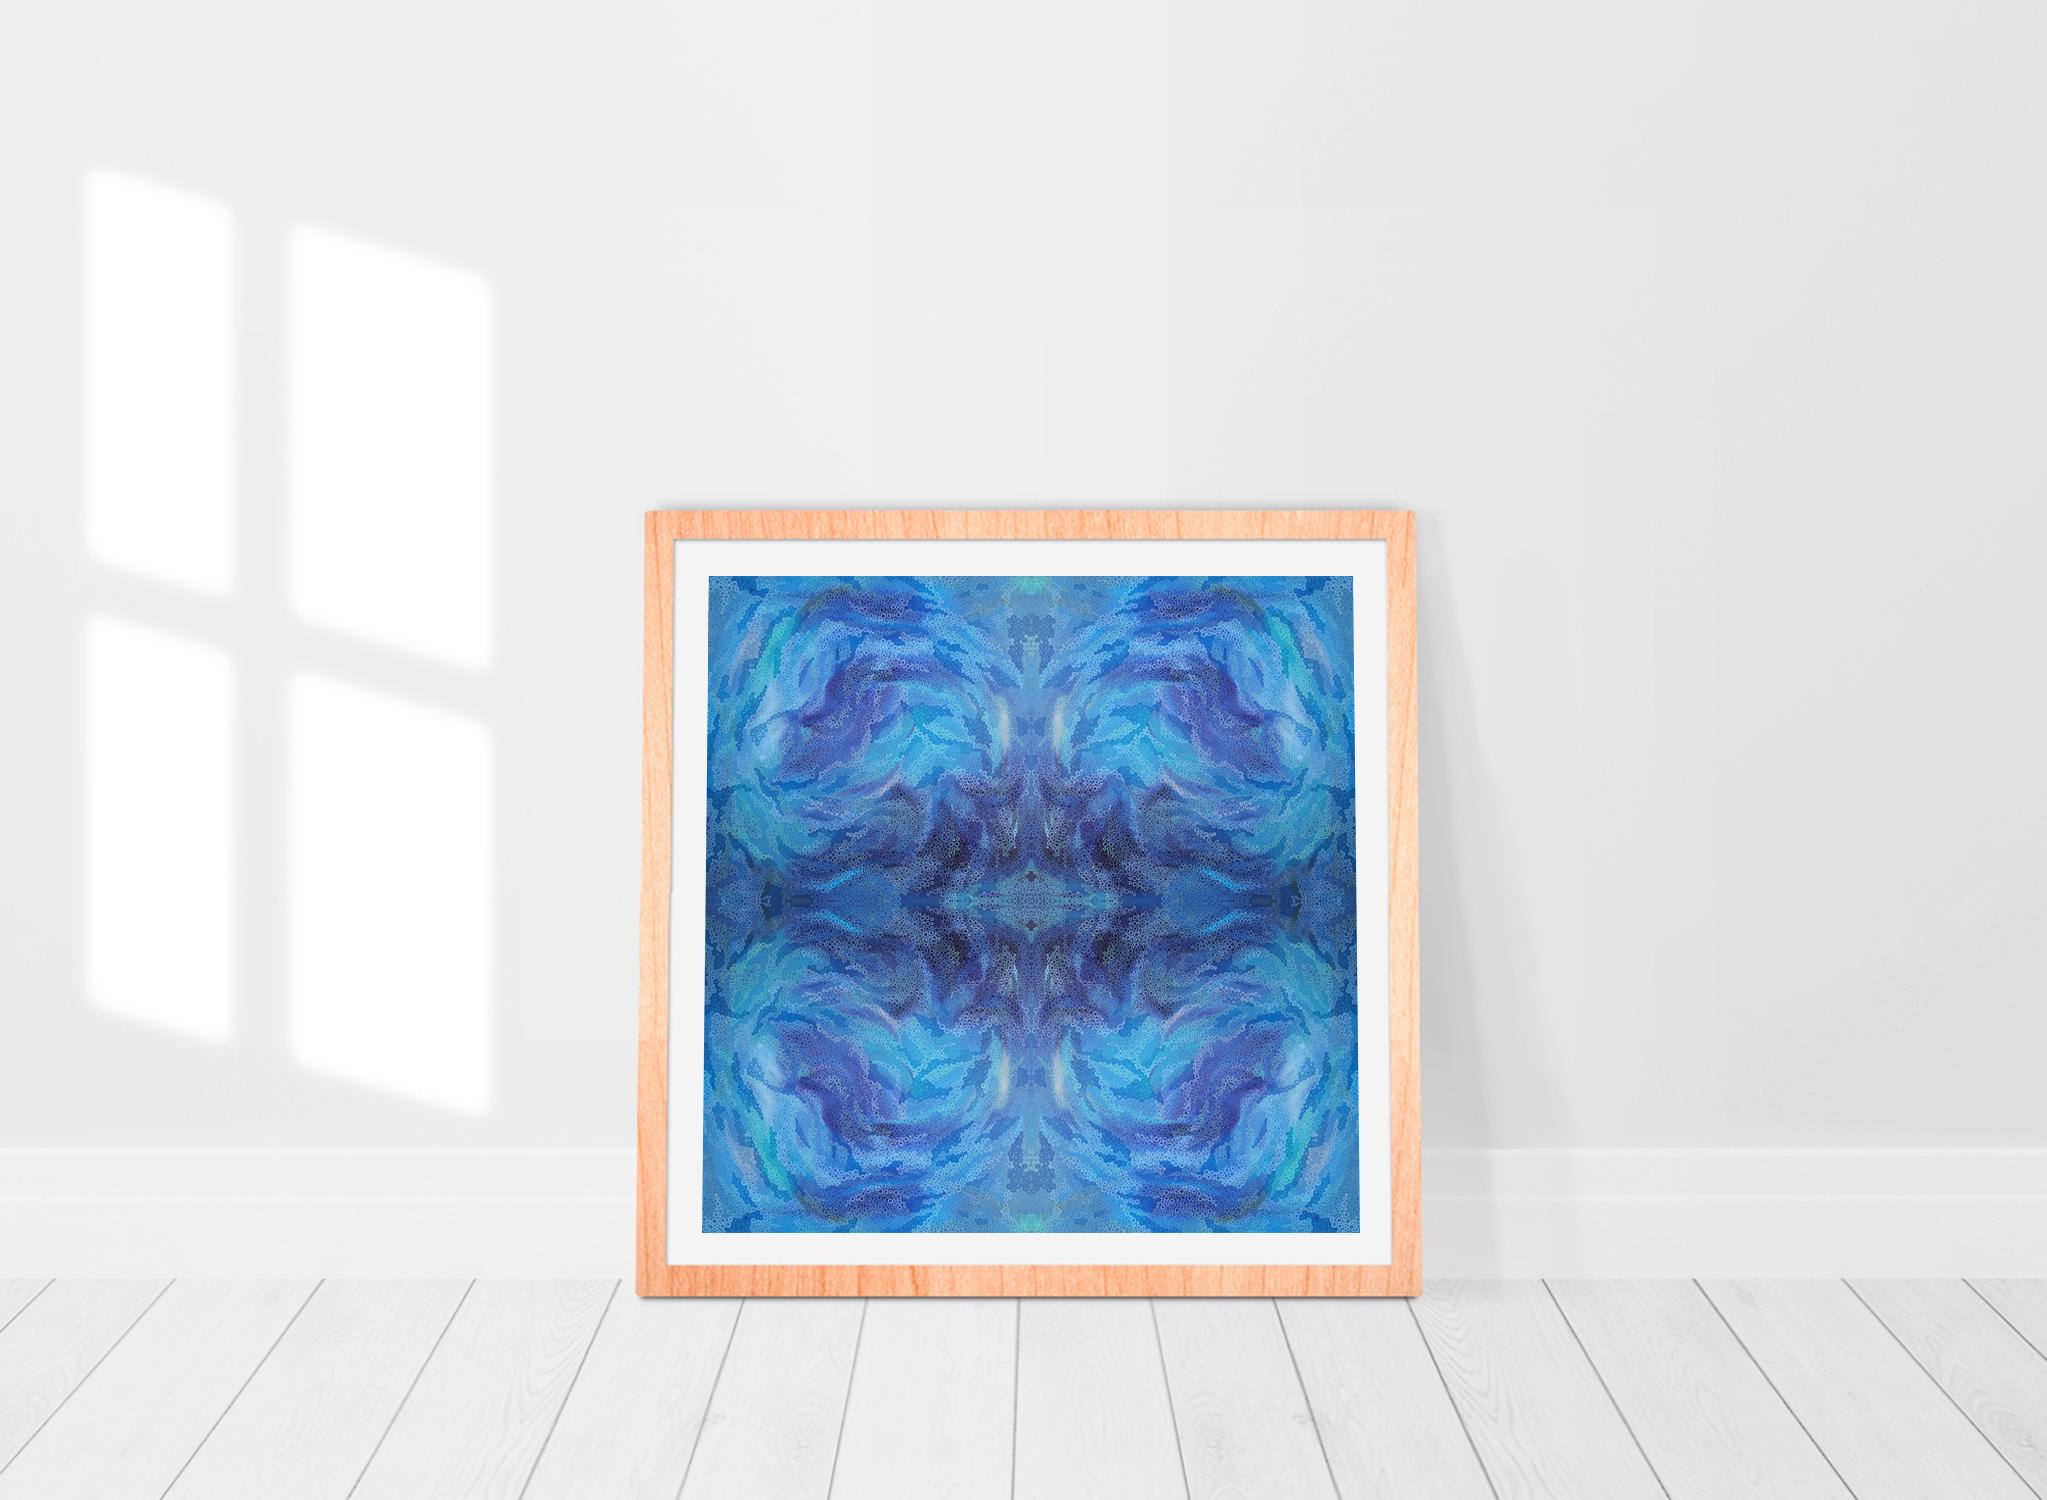 Fineart Summerswirl Kaleidoscope F